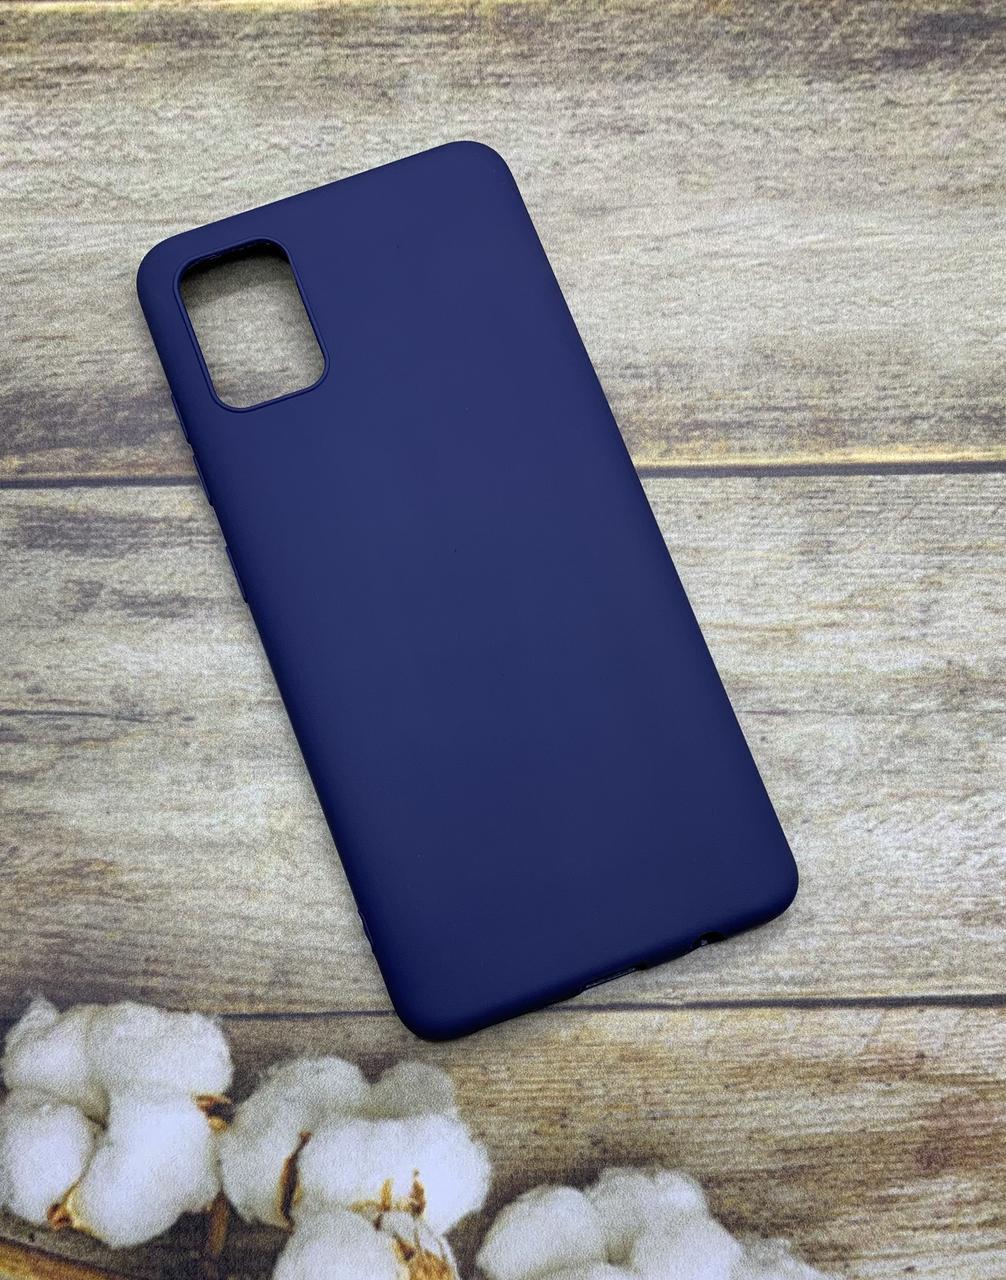 Чехол на Samsung A51 2020 (A505F) матовый цветной силиконовый  ультратонкий бампер/ накладка